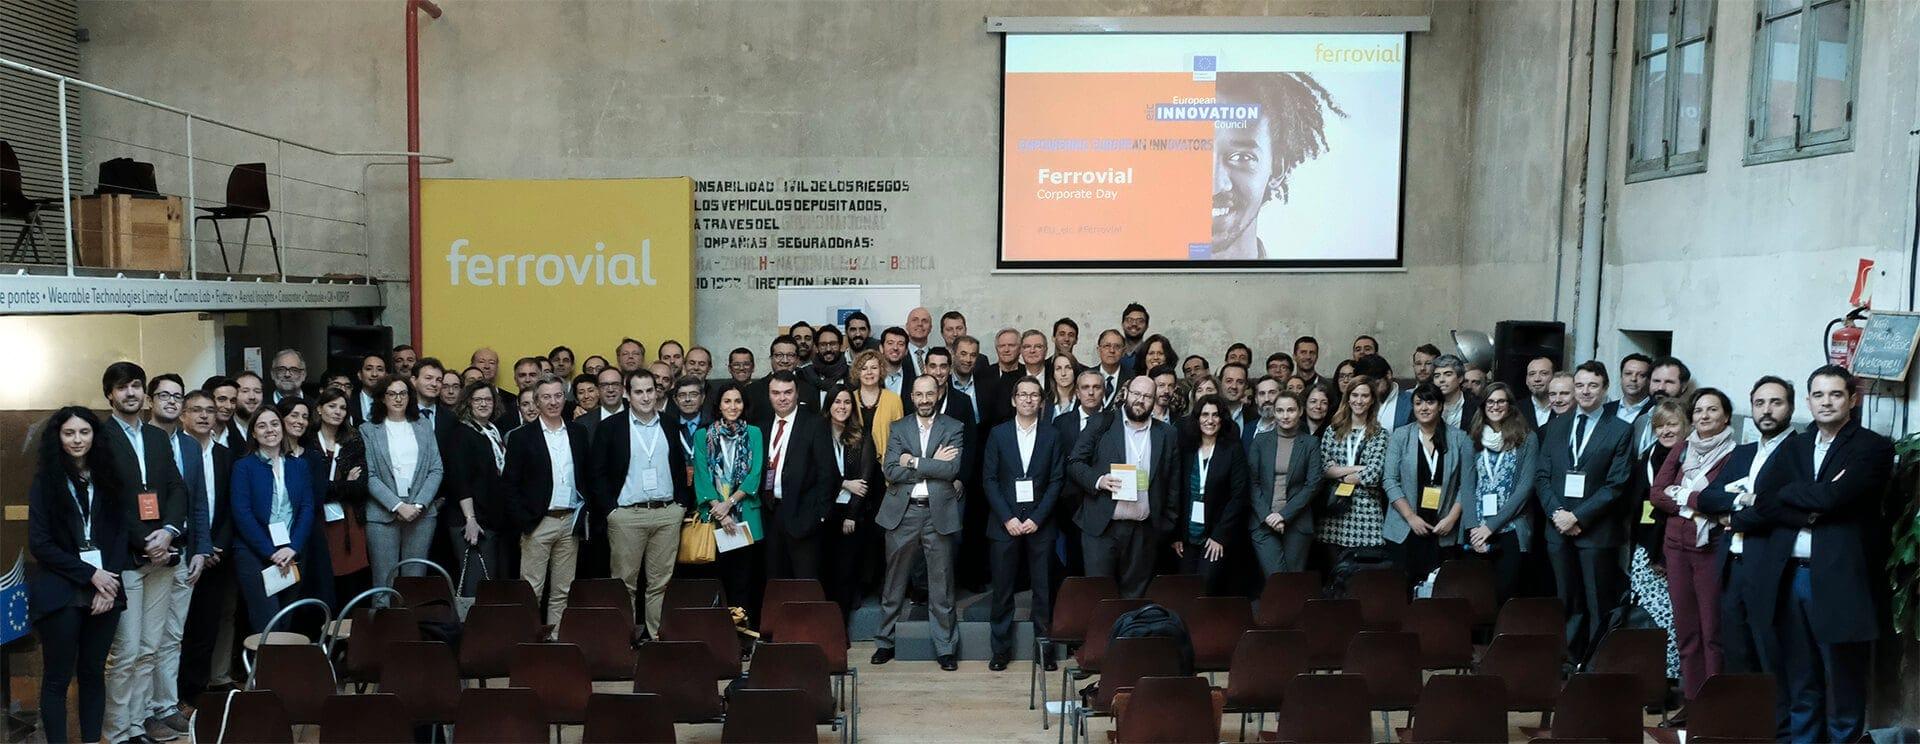 Encuentro de ferrovial con startups europeas